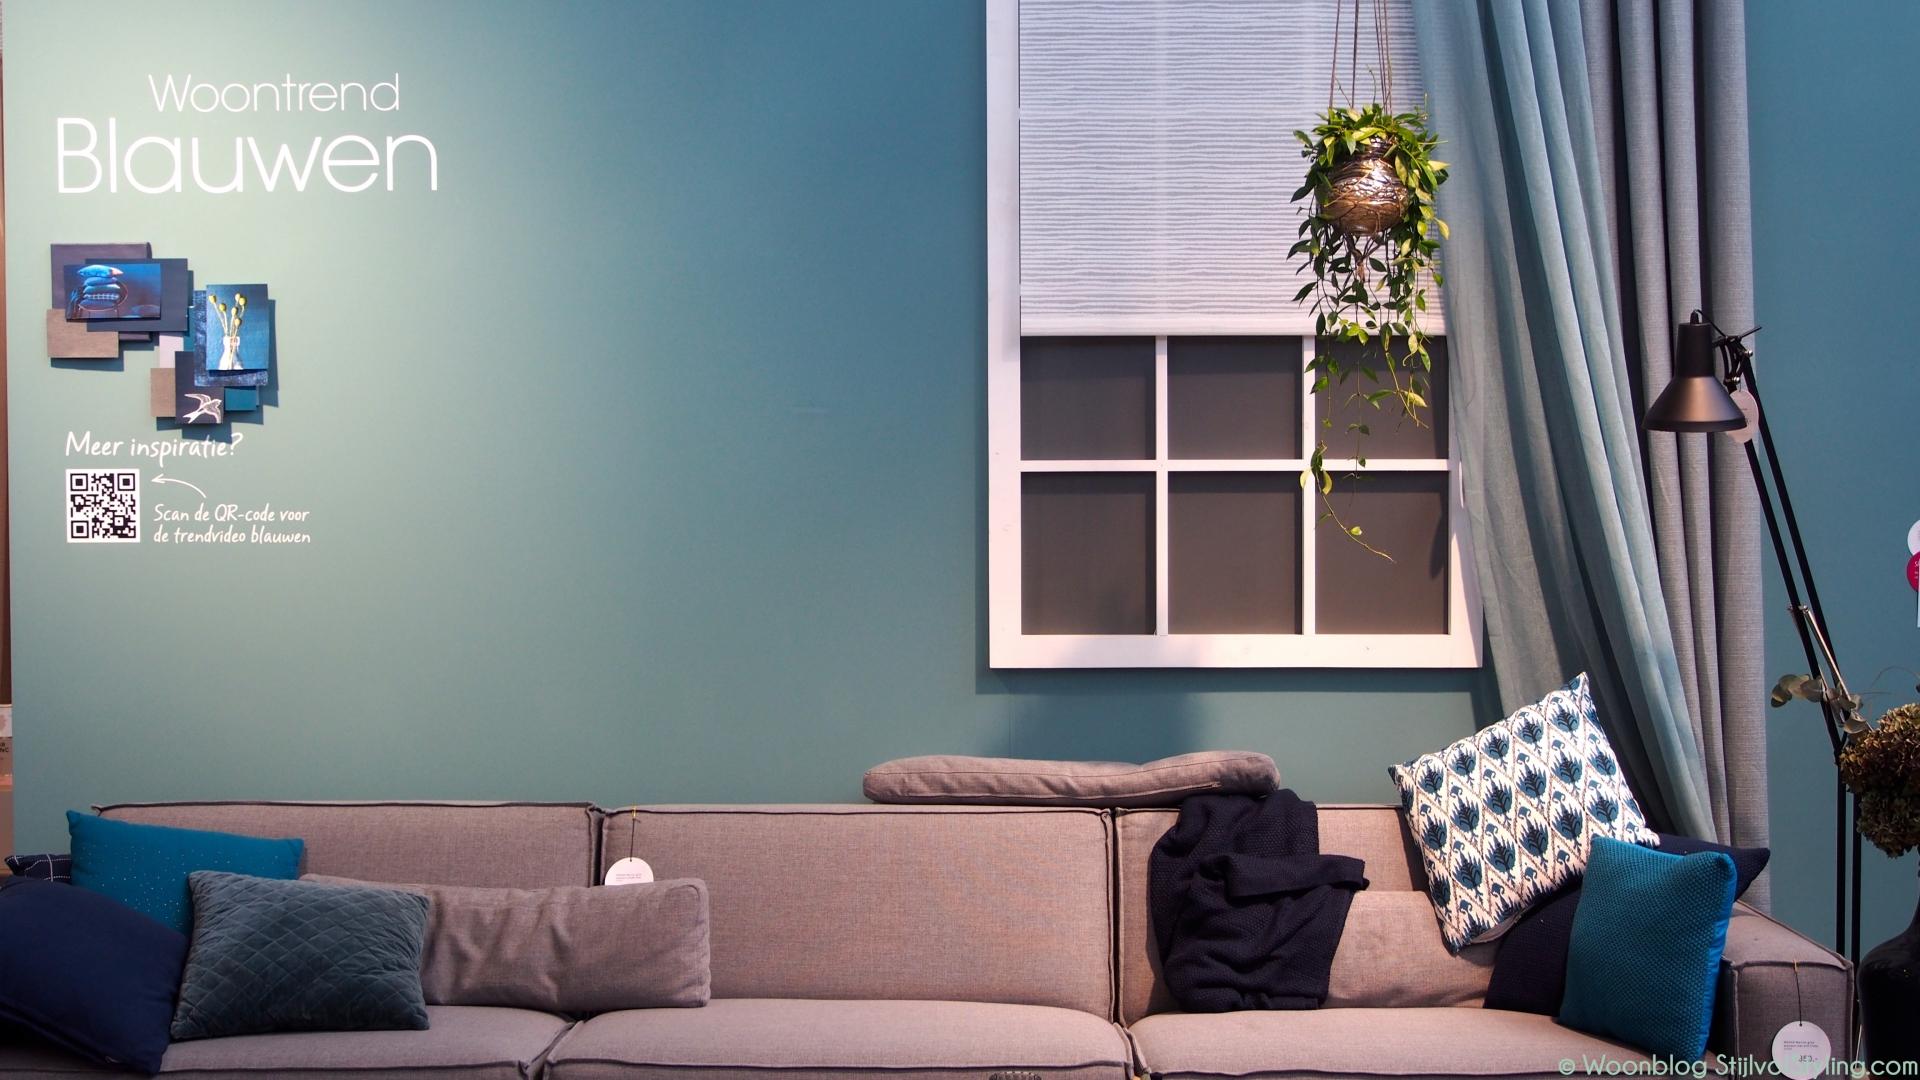 Woon Interieur Ideeen.Interieur Blue Monday Interieur Kleur Inspiratie Met Blauw